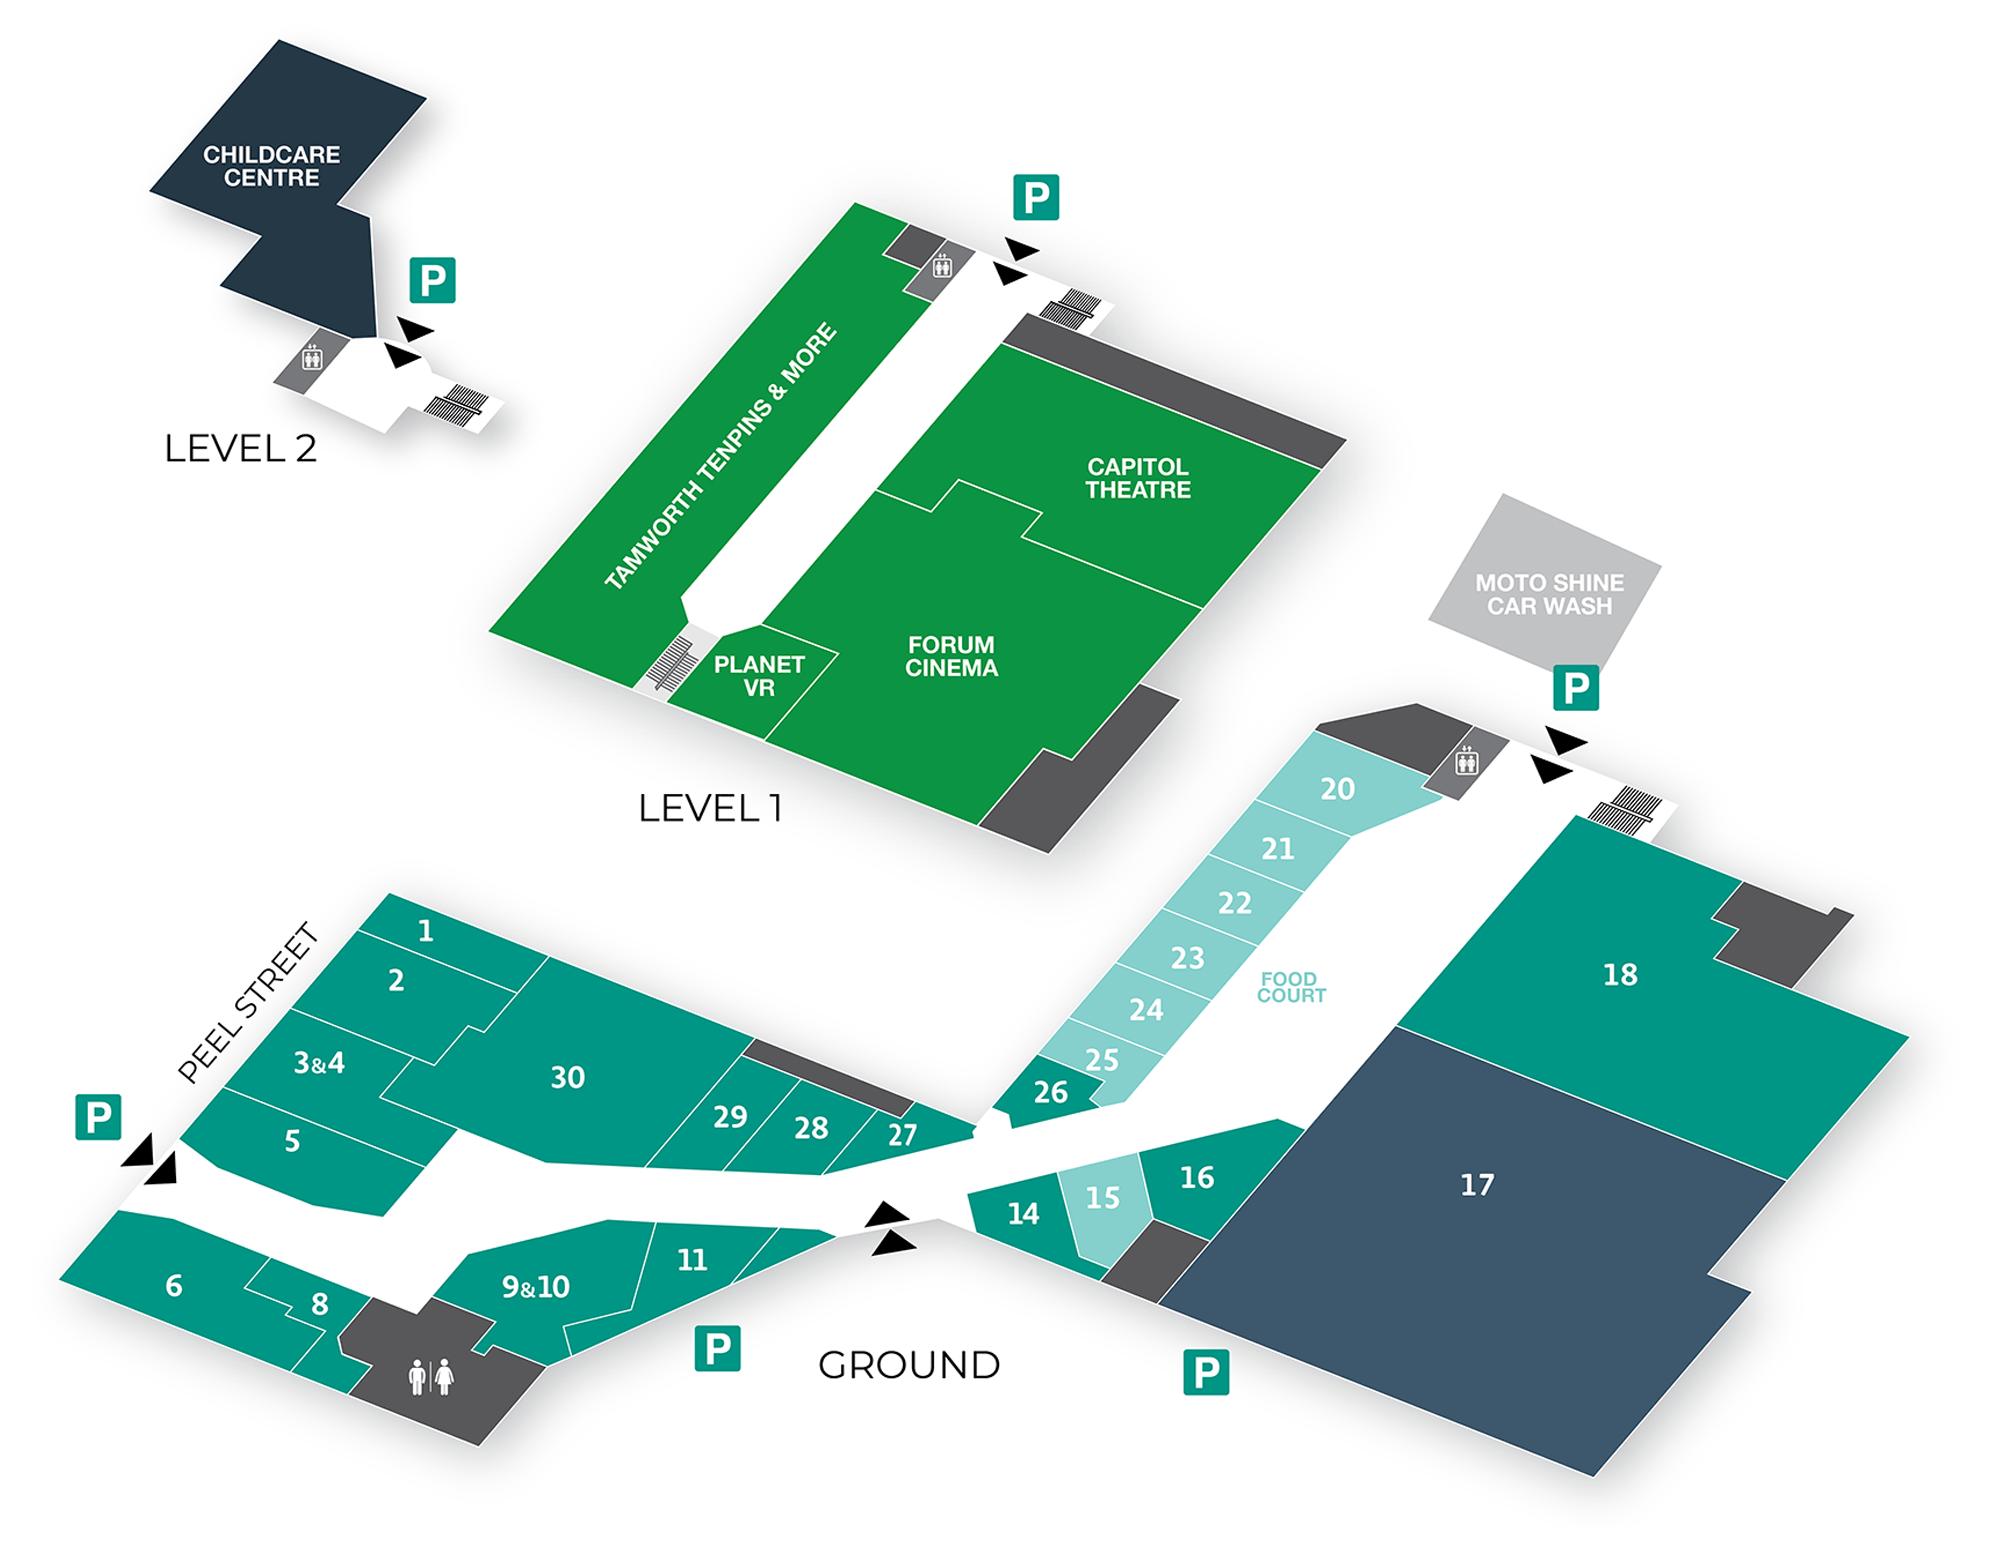 CP_Floorplan_Website_21_10_v1-01